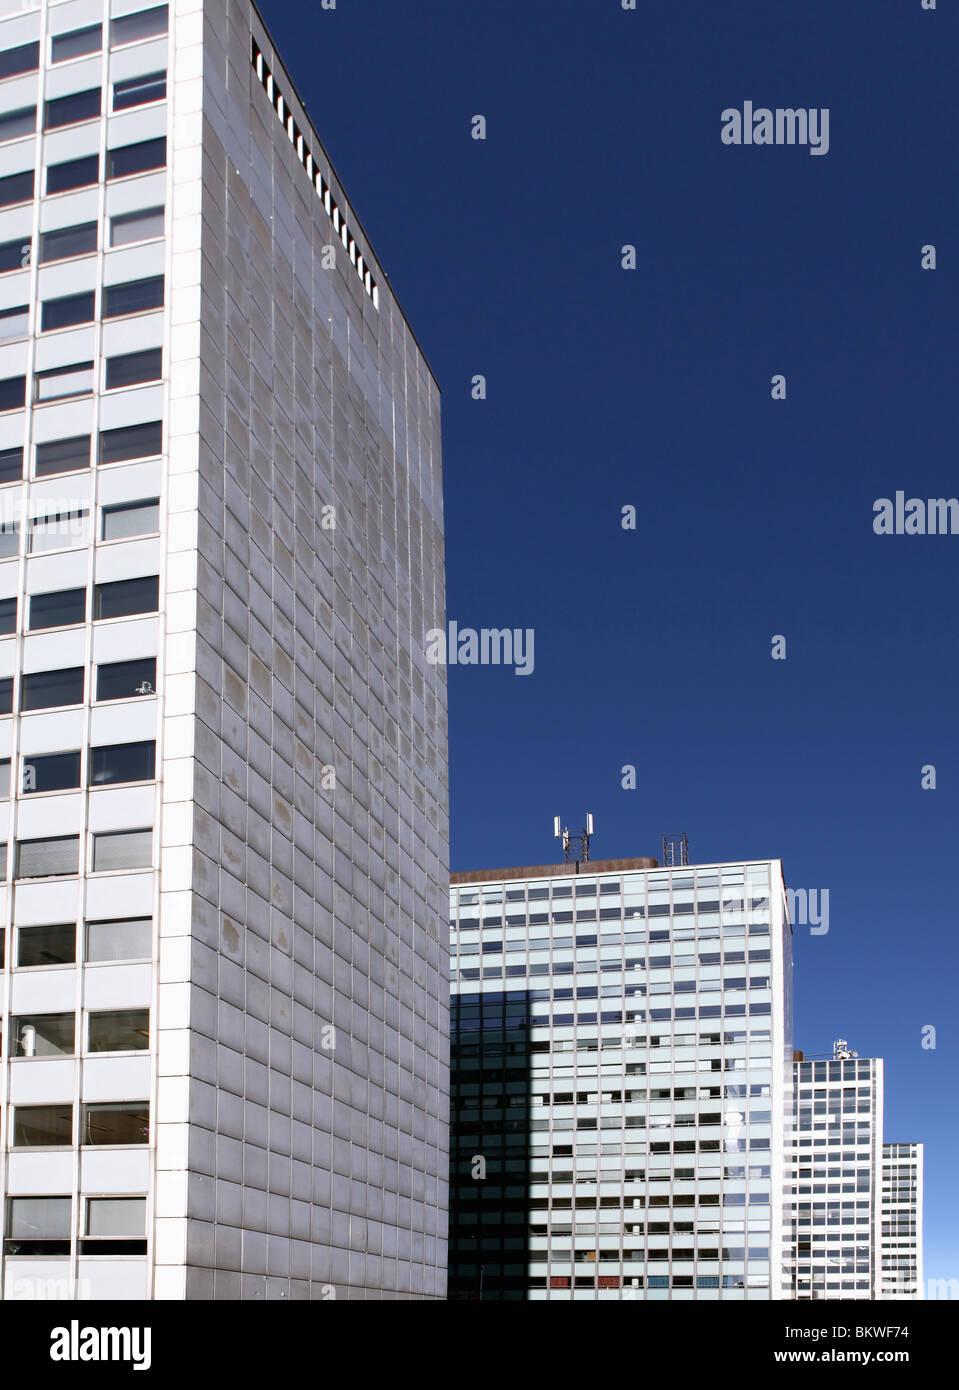 De grands immeubles d'habitation contre le ciel bleu Photo Stock